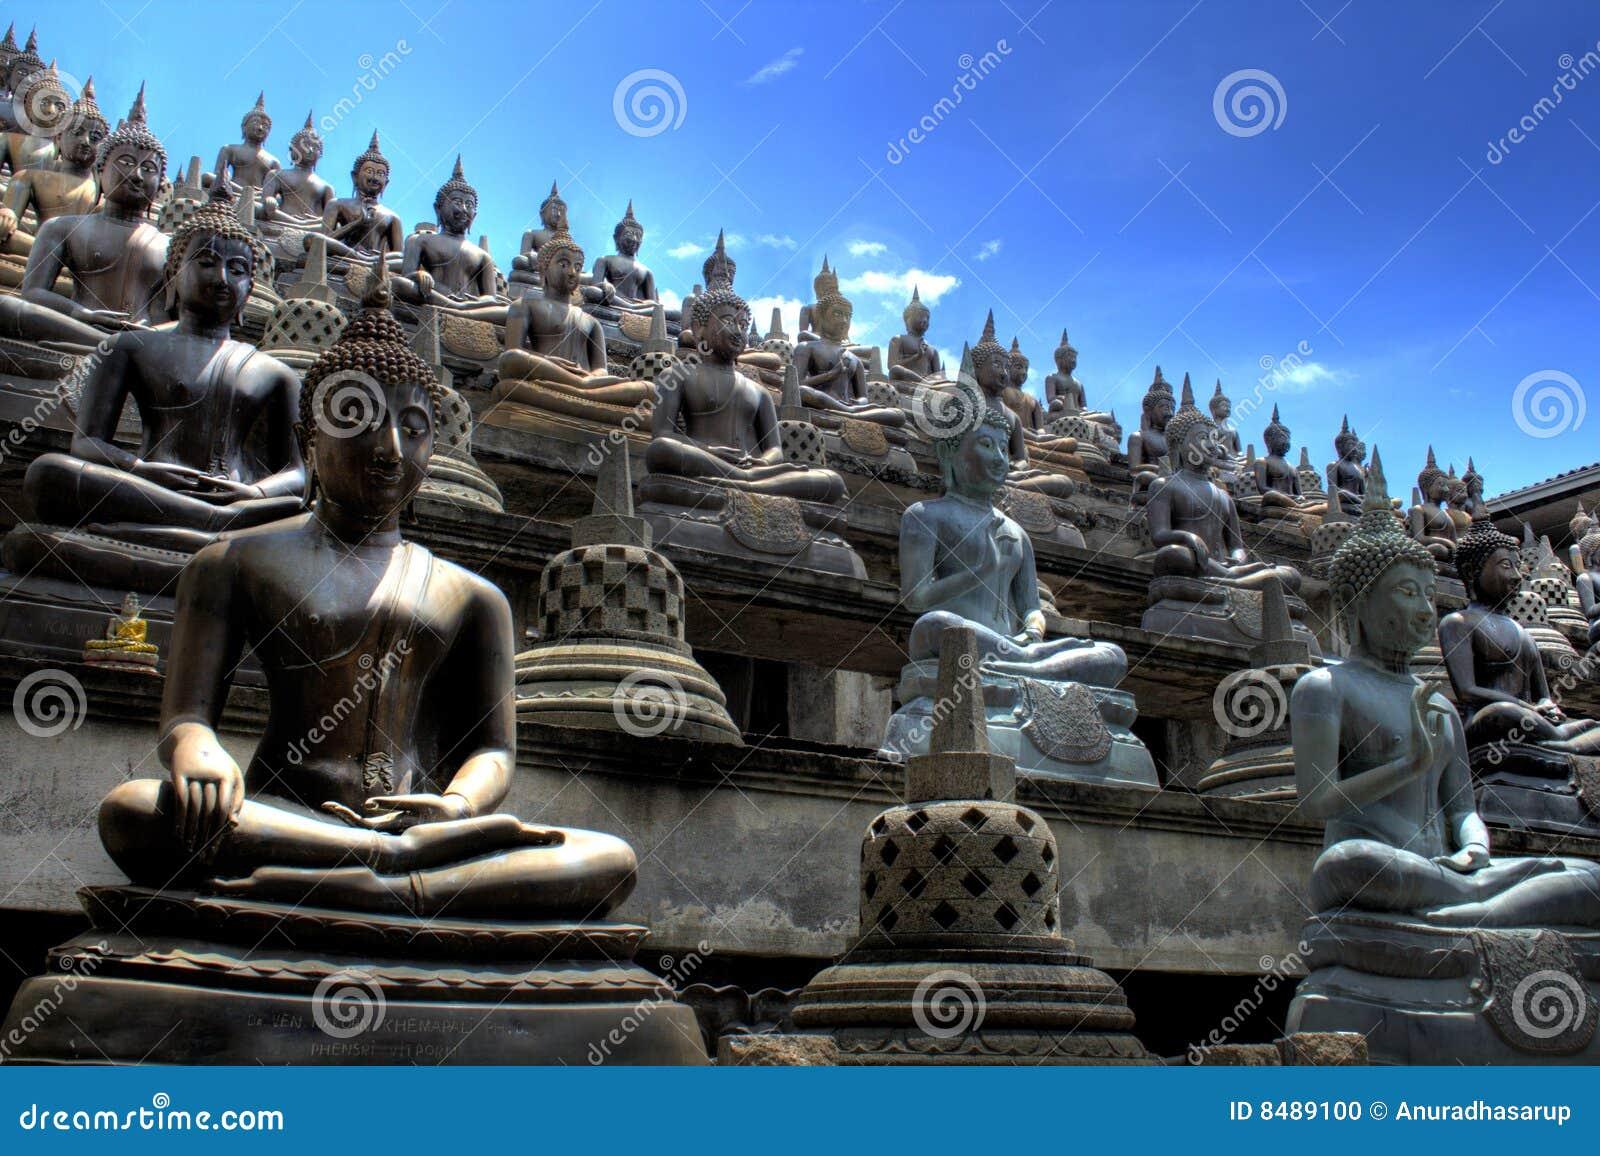 Buddistiskt lankasritempel